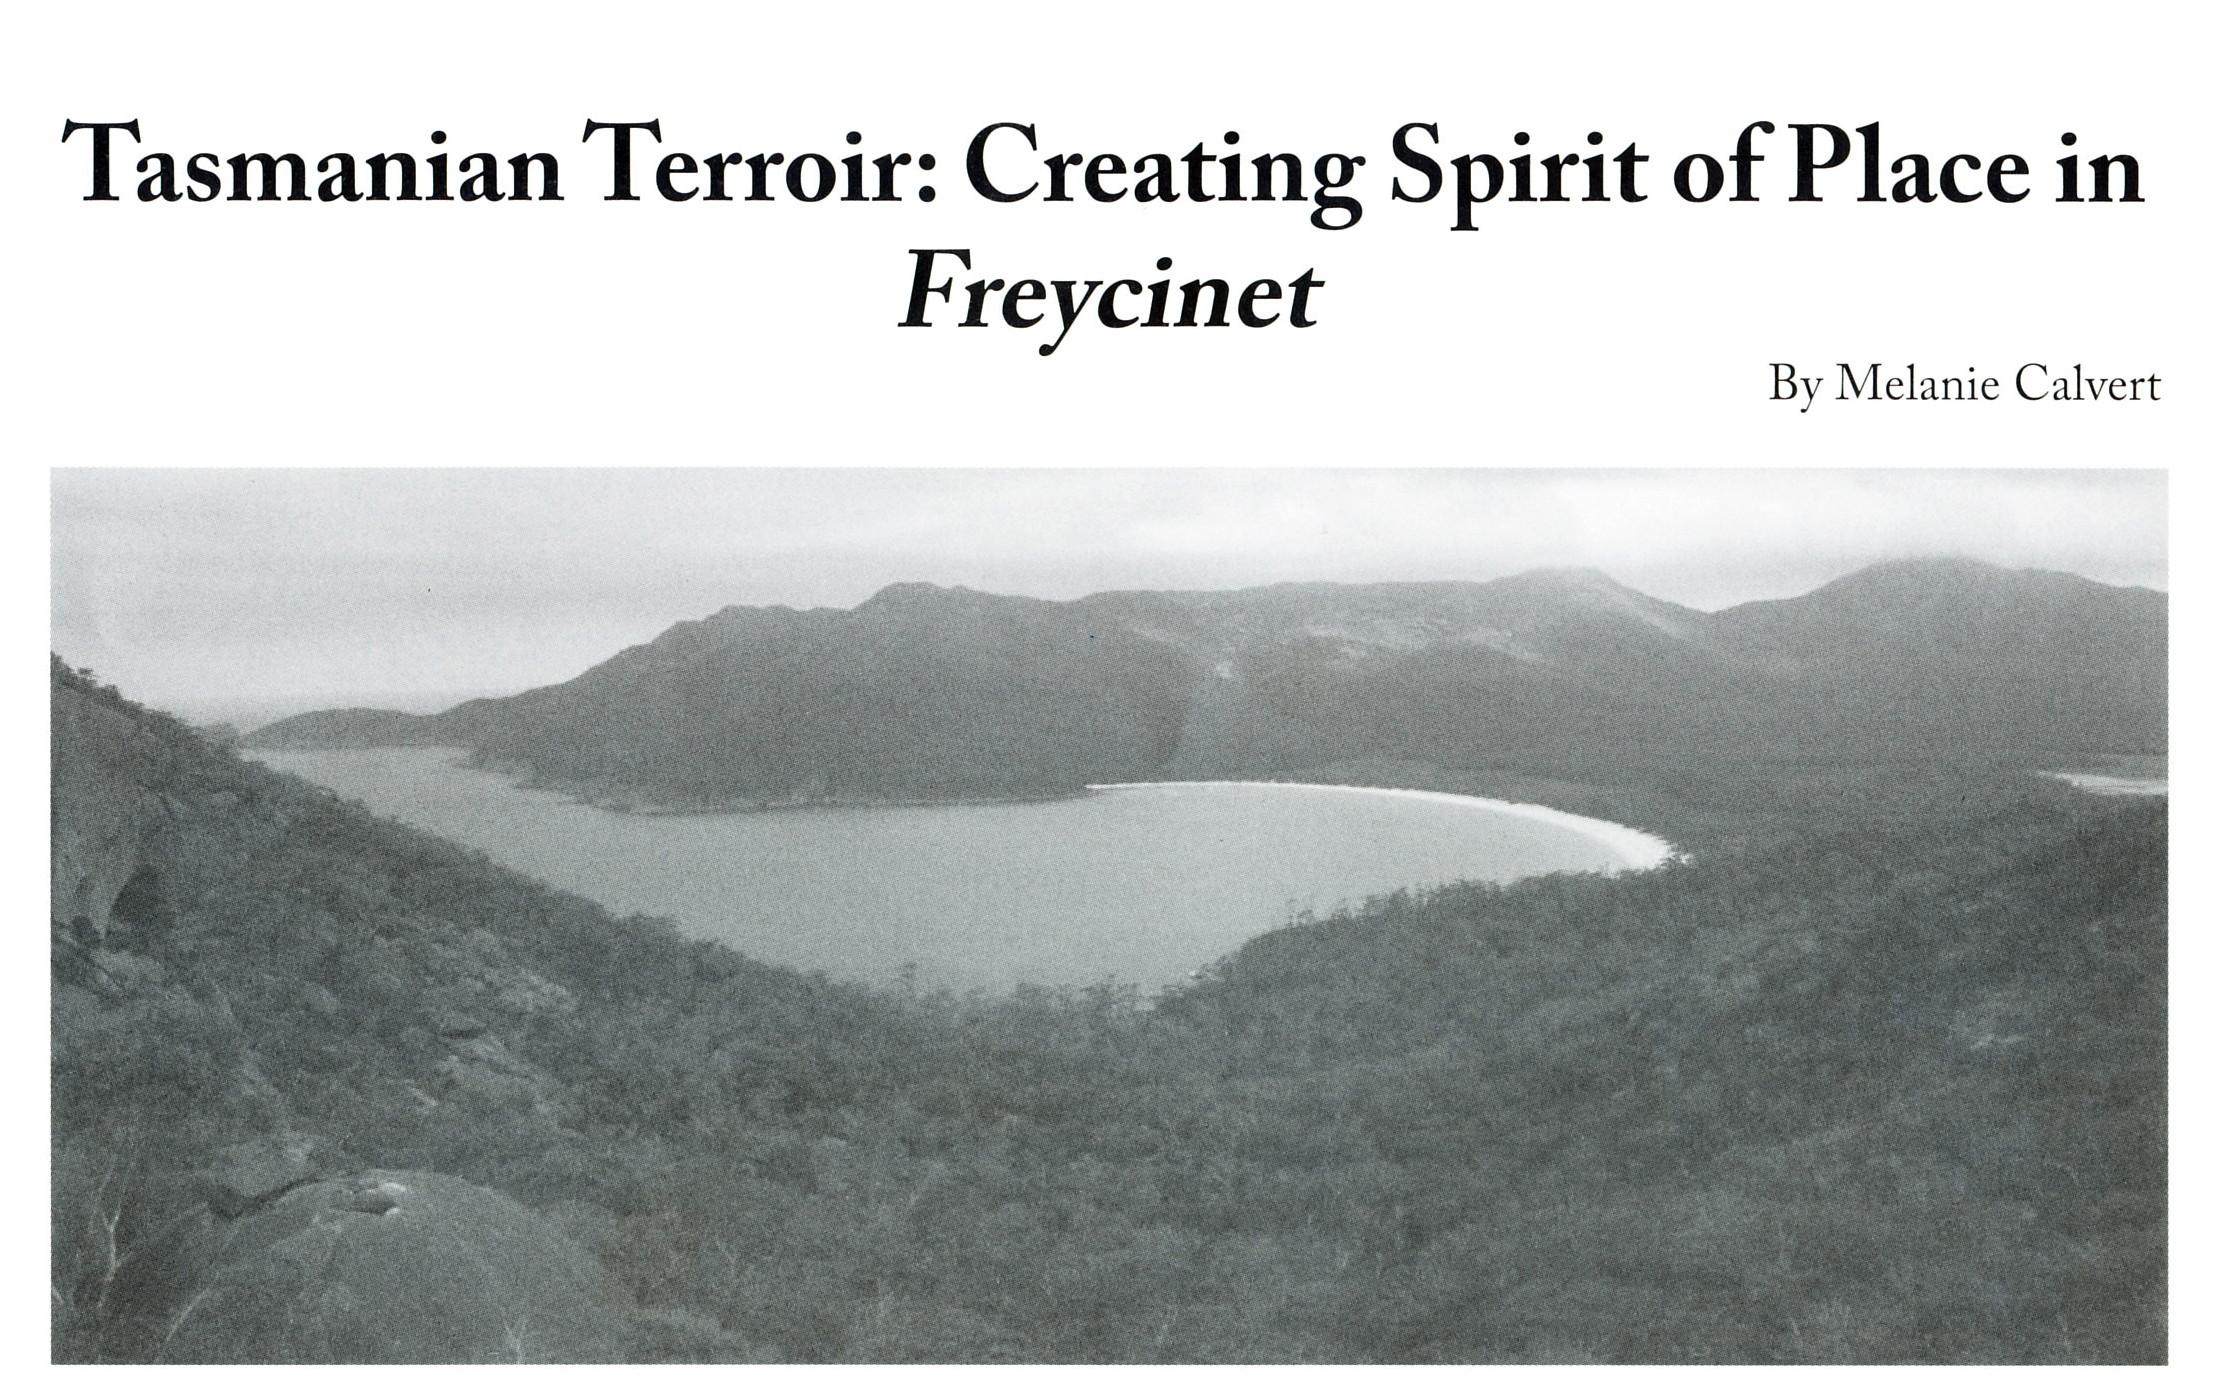 Freycinet picture